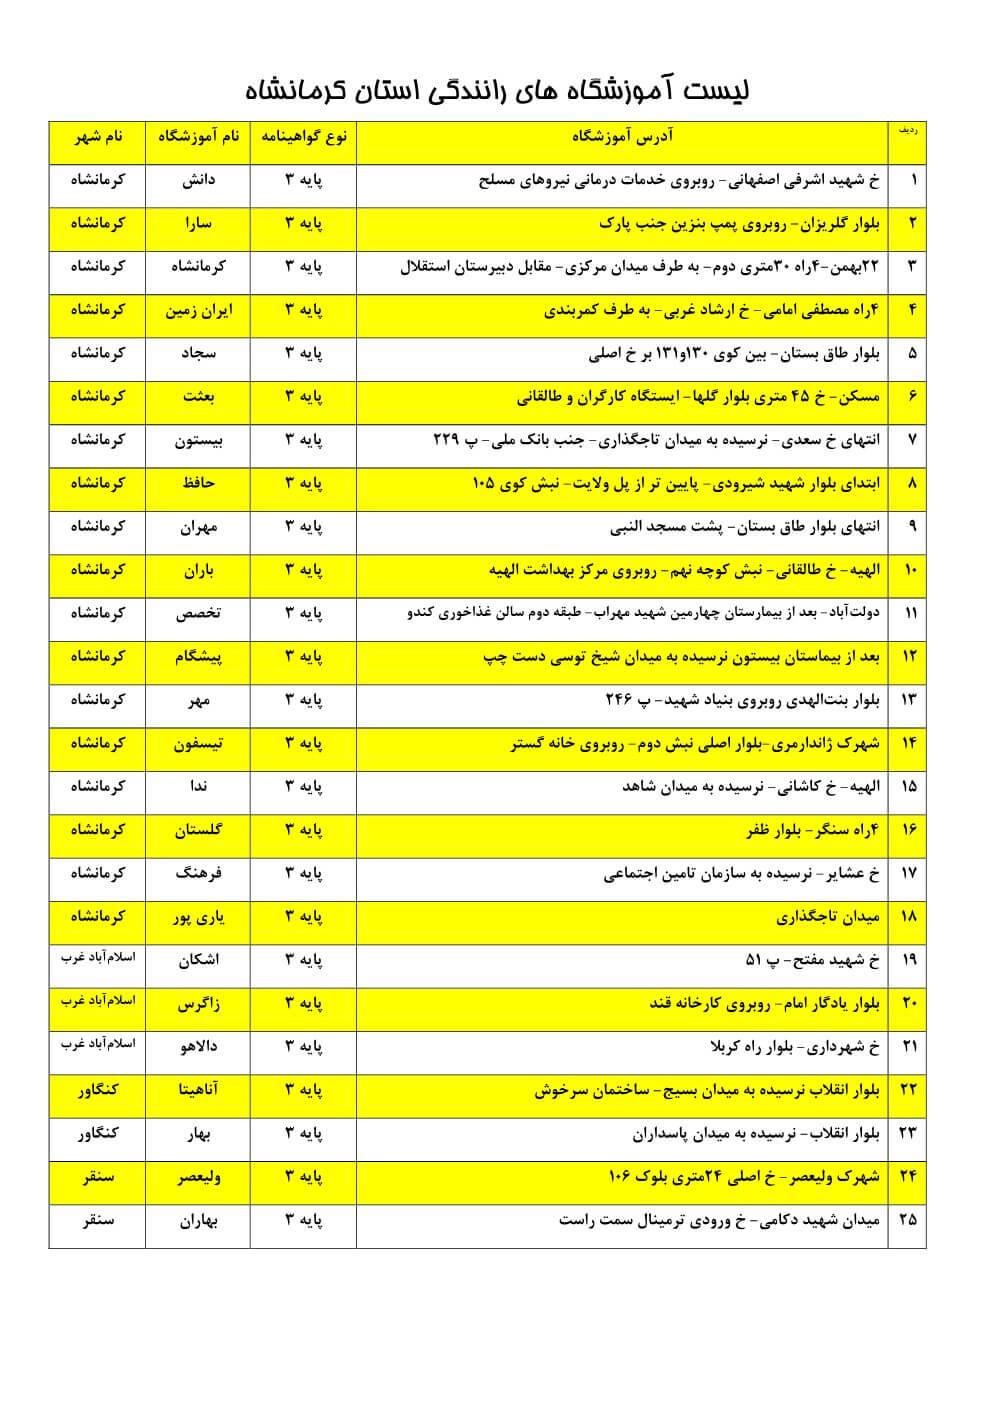 آموزشگاه های رانندگی کرمانشاه